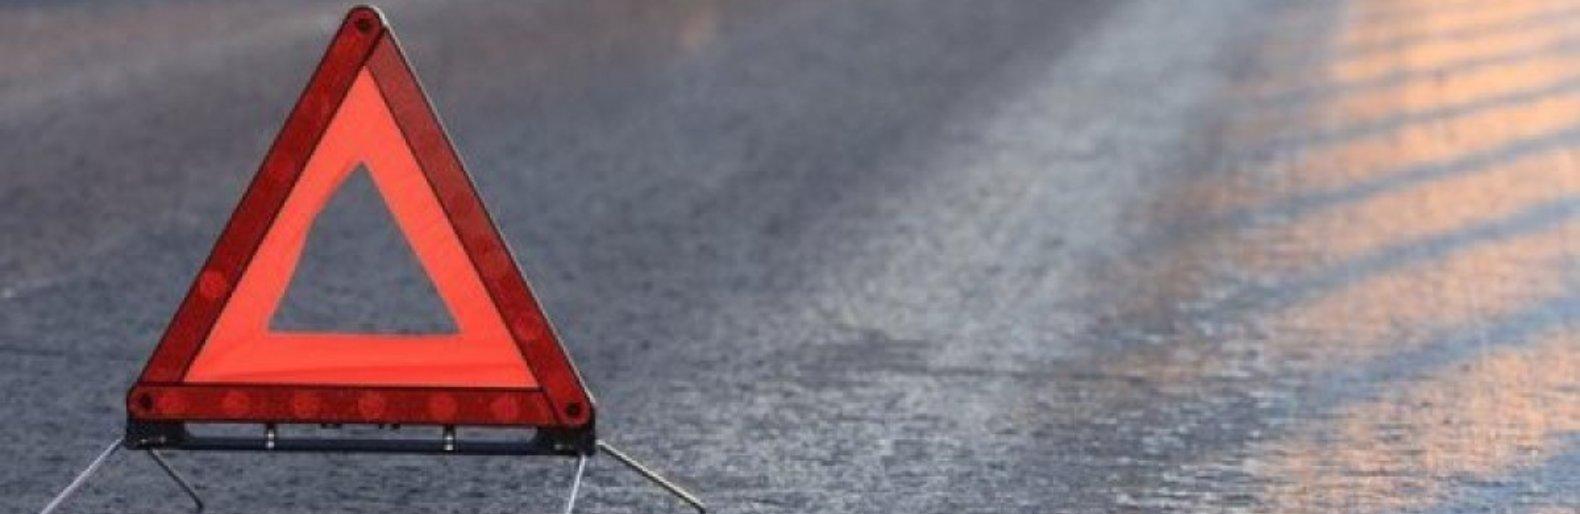 На Львівщині водій ВАЗ на пішохідному переході збив 34-річного чоловіка